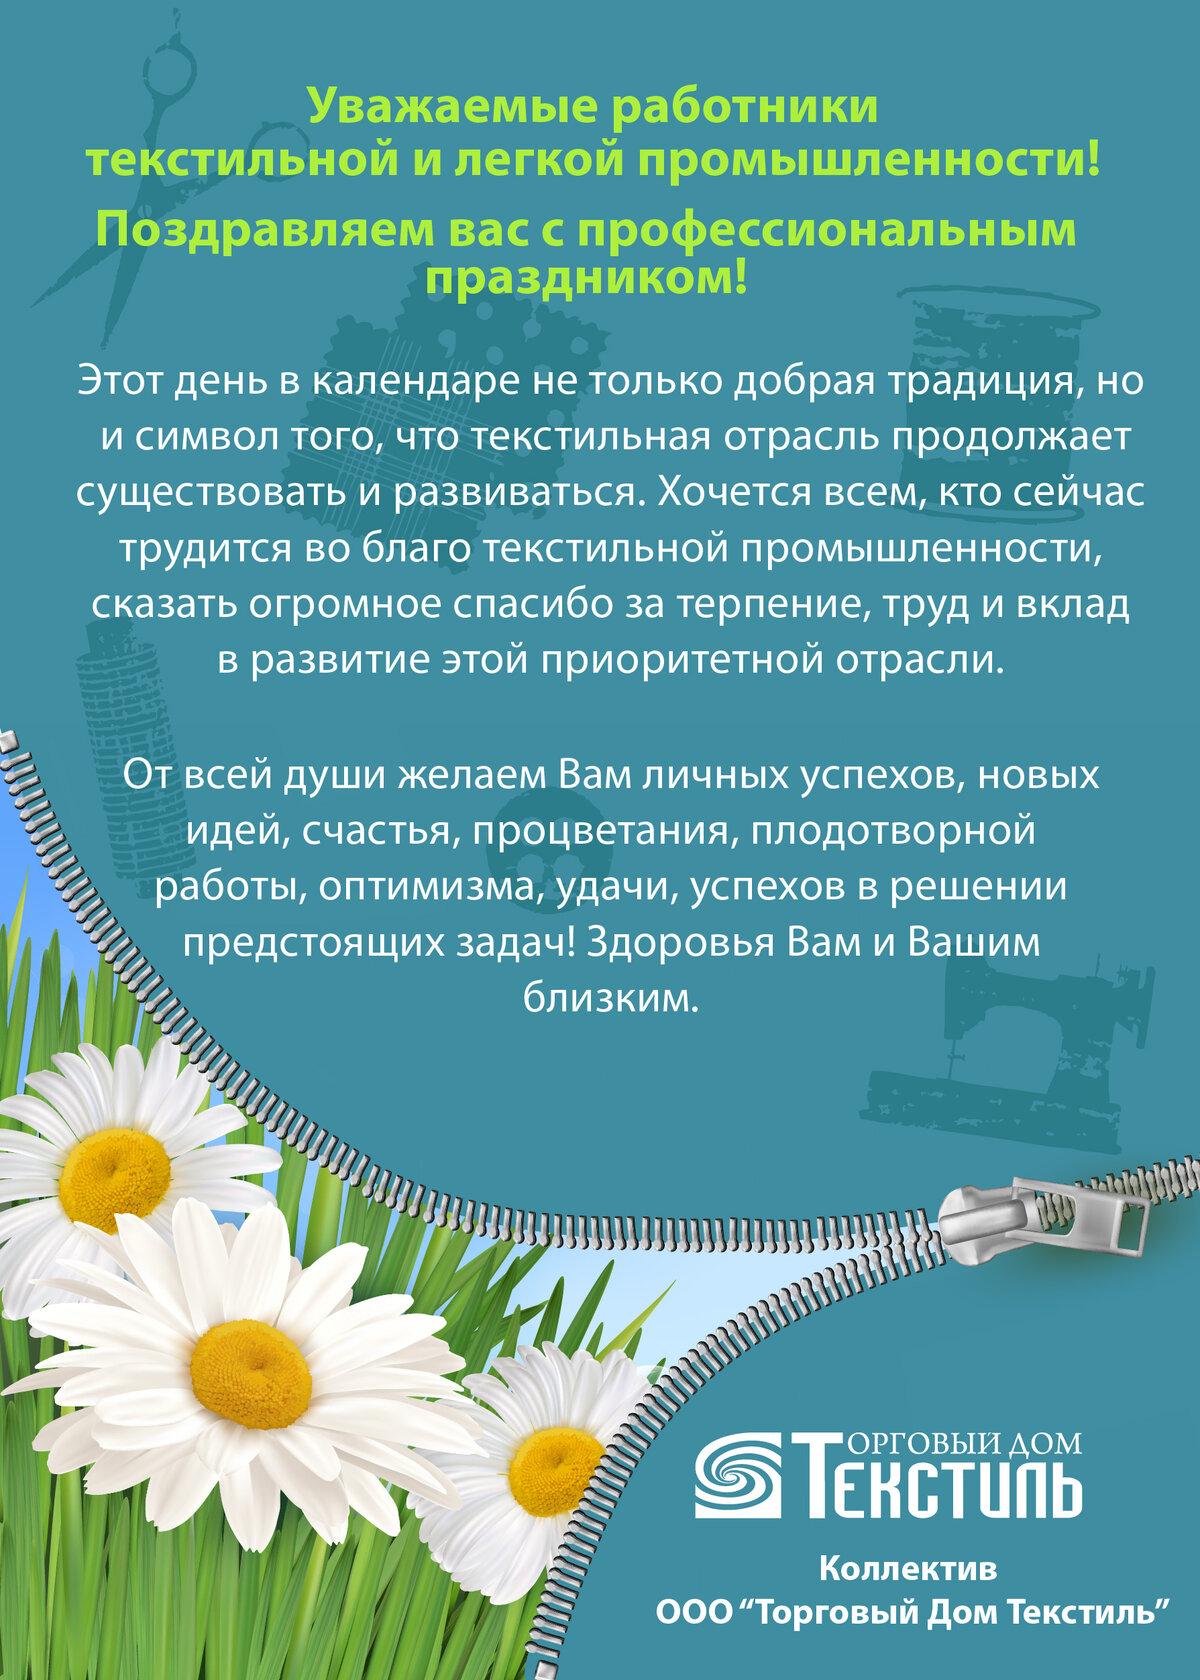 поздравить с днем работников легкой промышленности друзья вконтакте